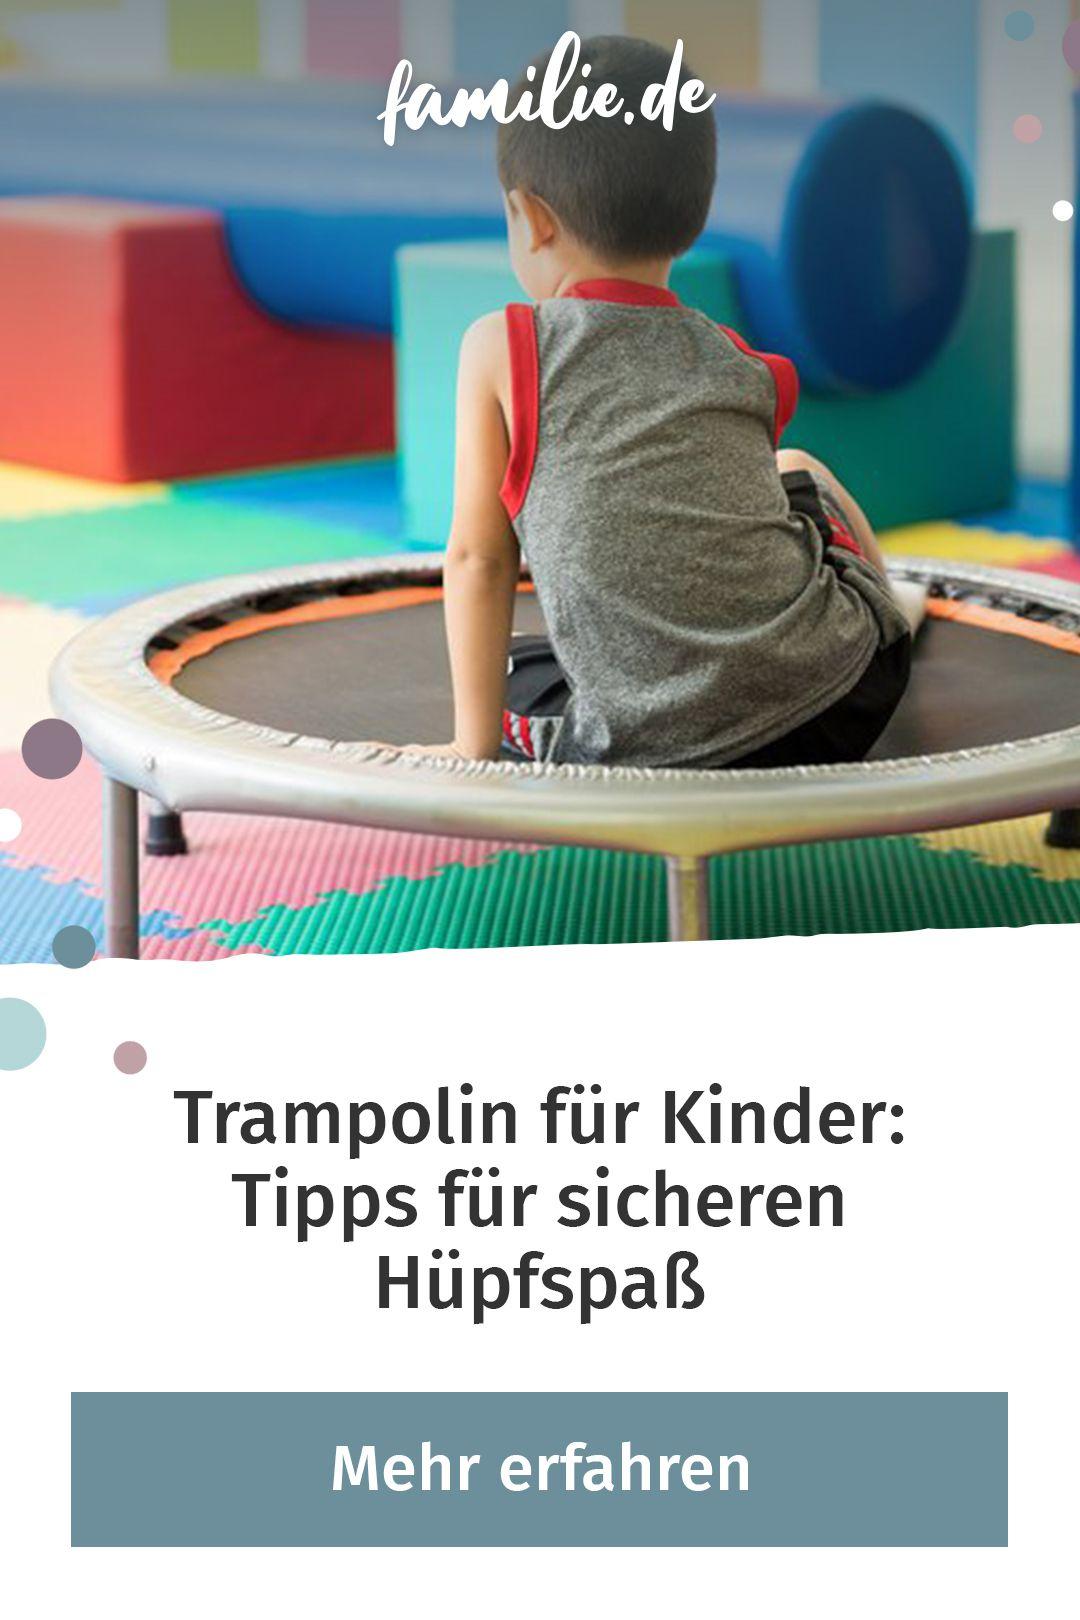 Trampolin Fur Kinder Tipps Fur Sicheres Hupfen Trampolin Kinder Kinder Und Kinderkrankheiten